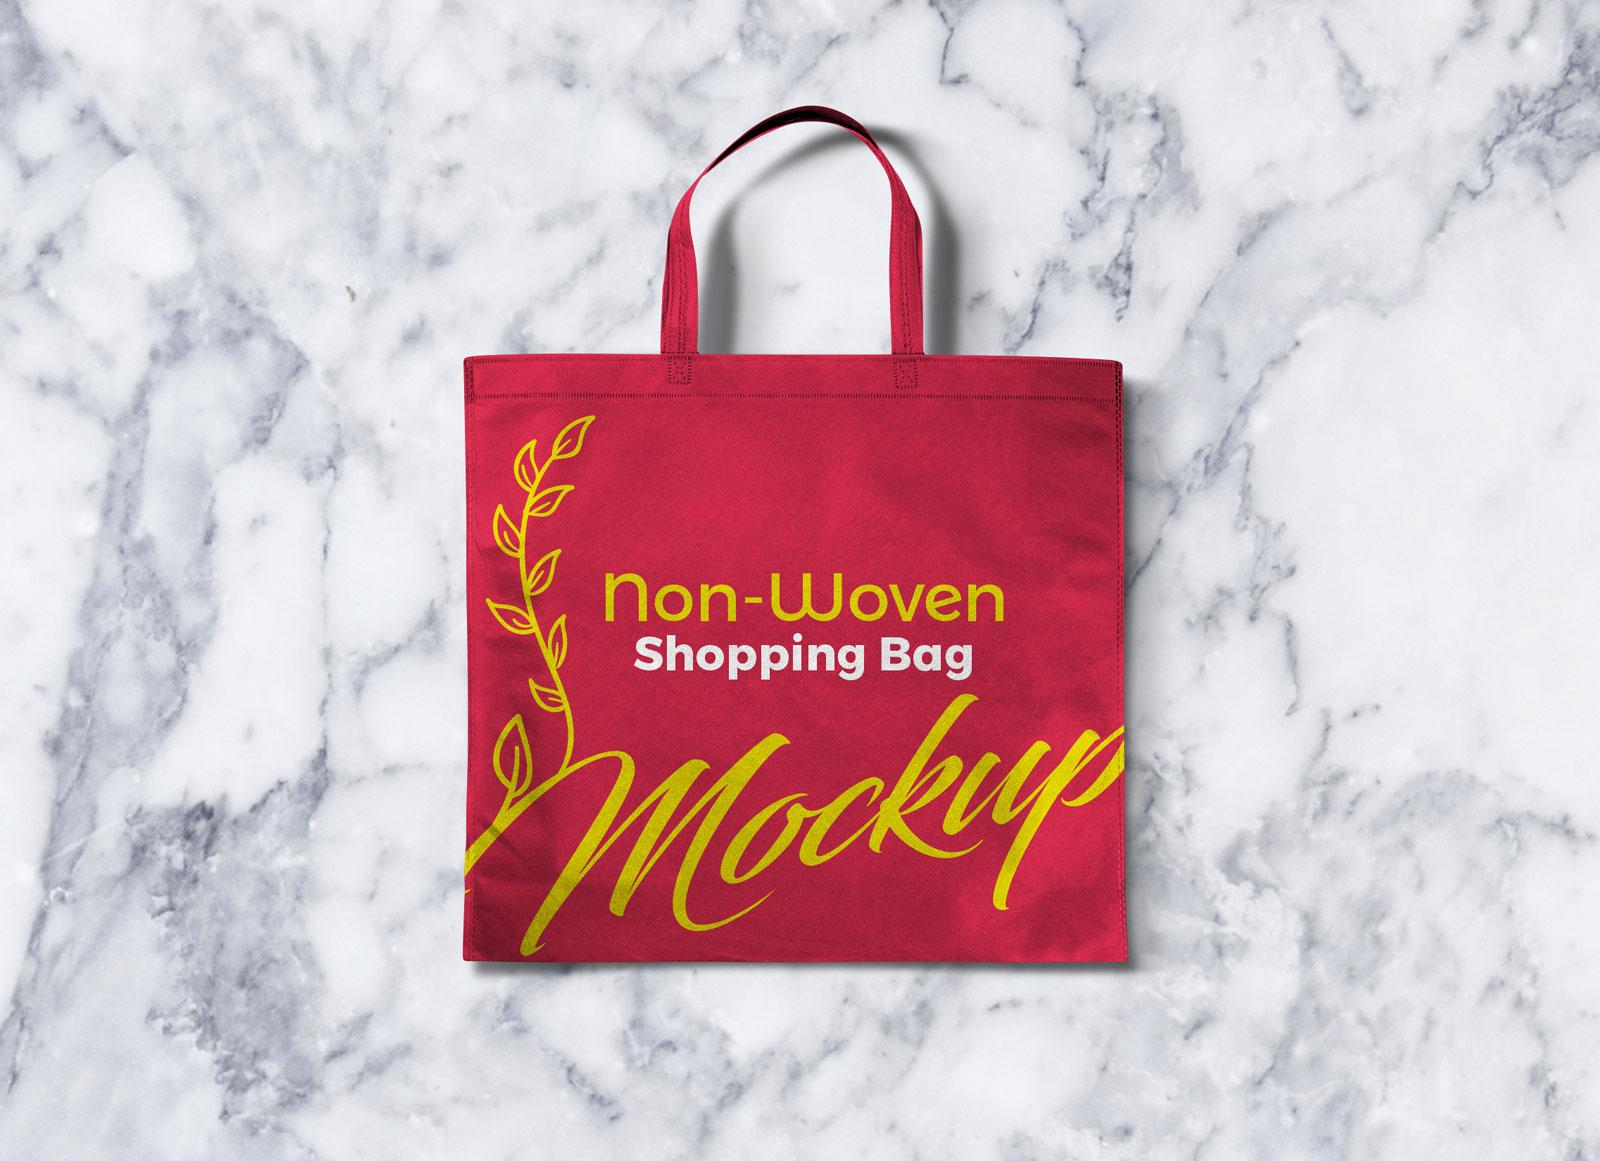 Non-woven-Shopping-Bag-Mockup-PSD